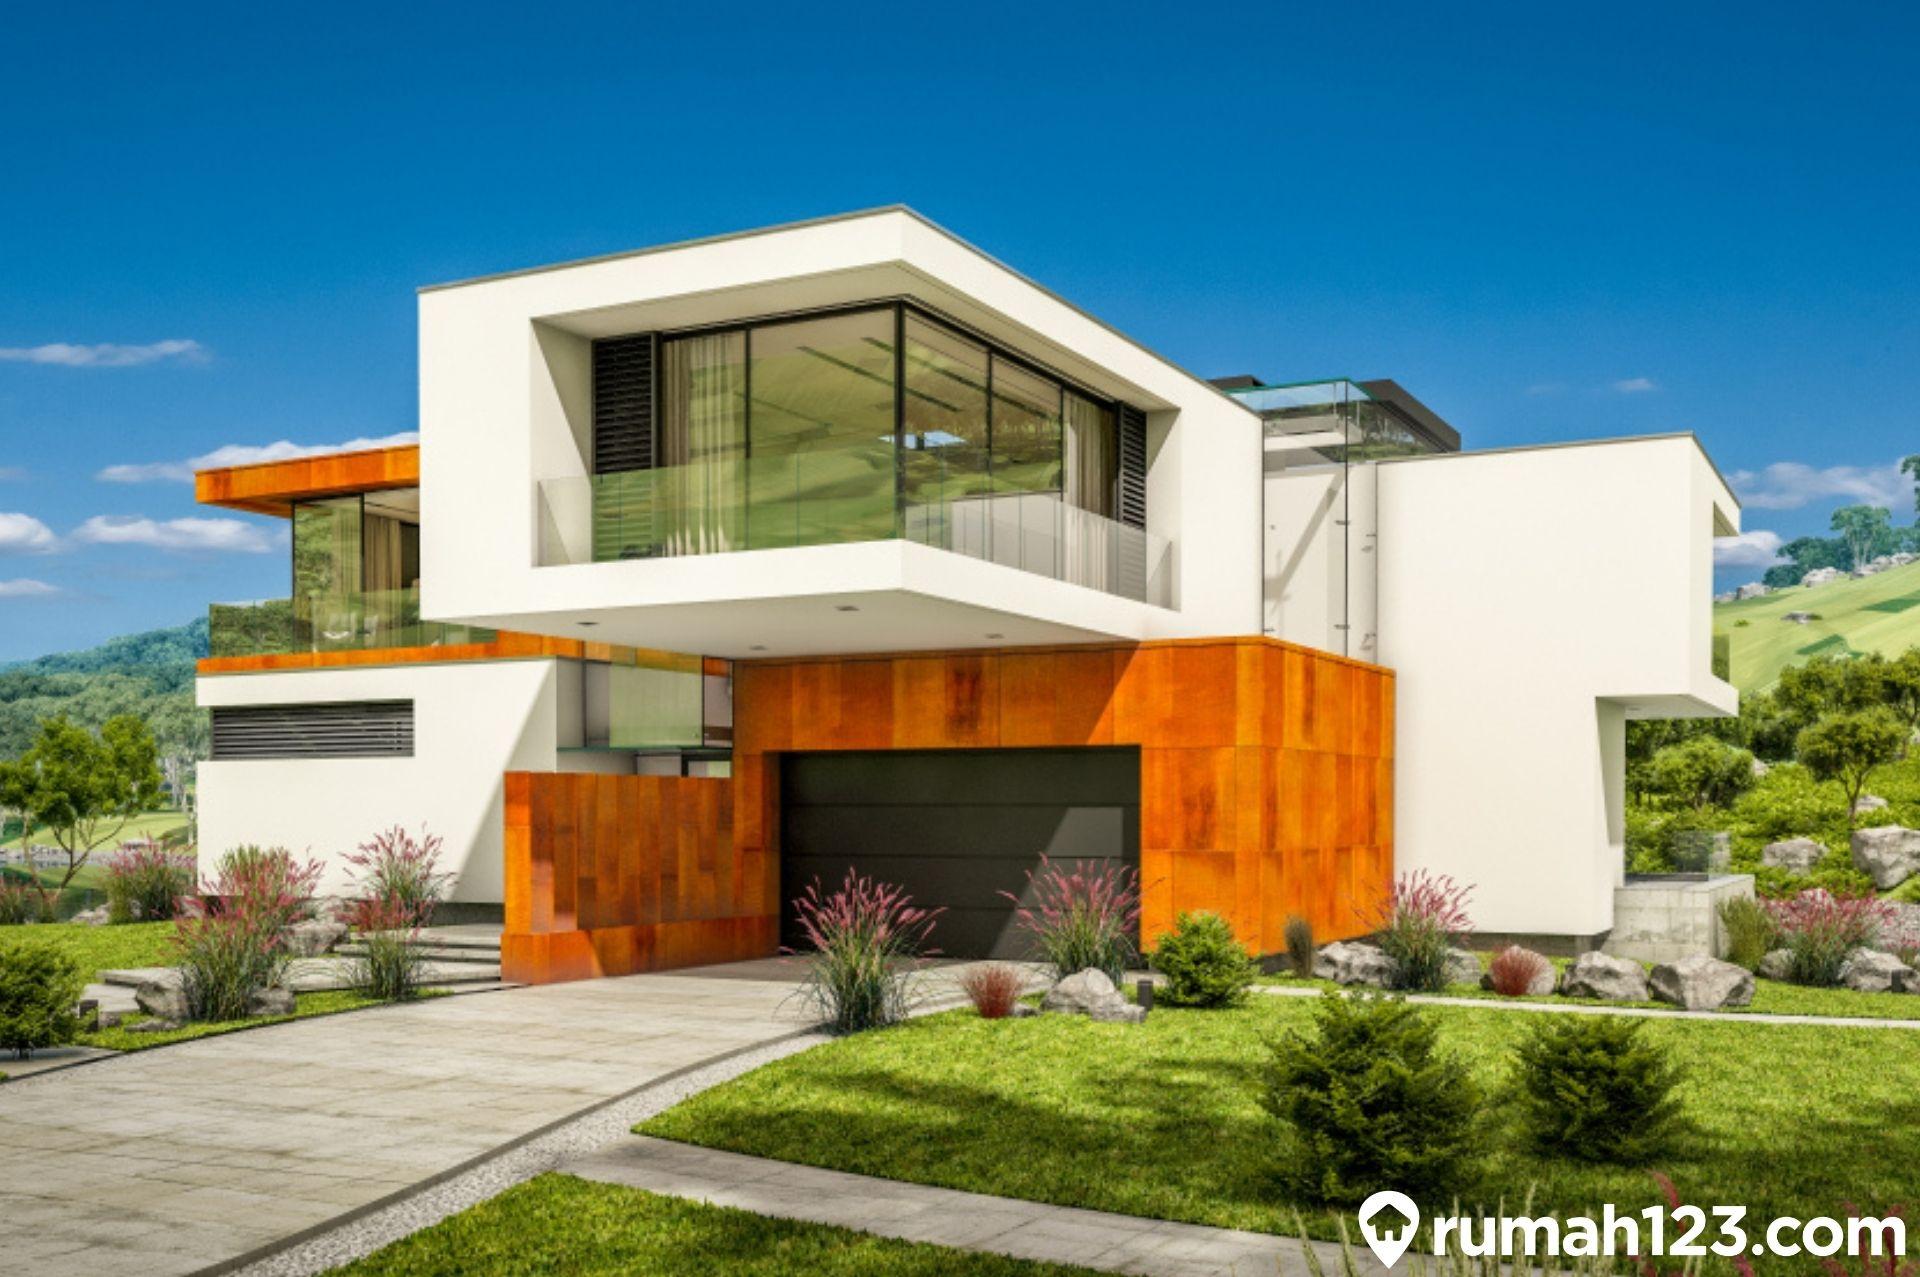 12 Inspirasi Fasad Rumah Minimalis Yang Unik Dan Bisa Kamu Tiru Rumah123 Com